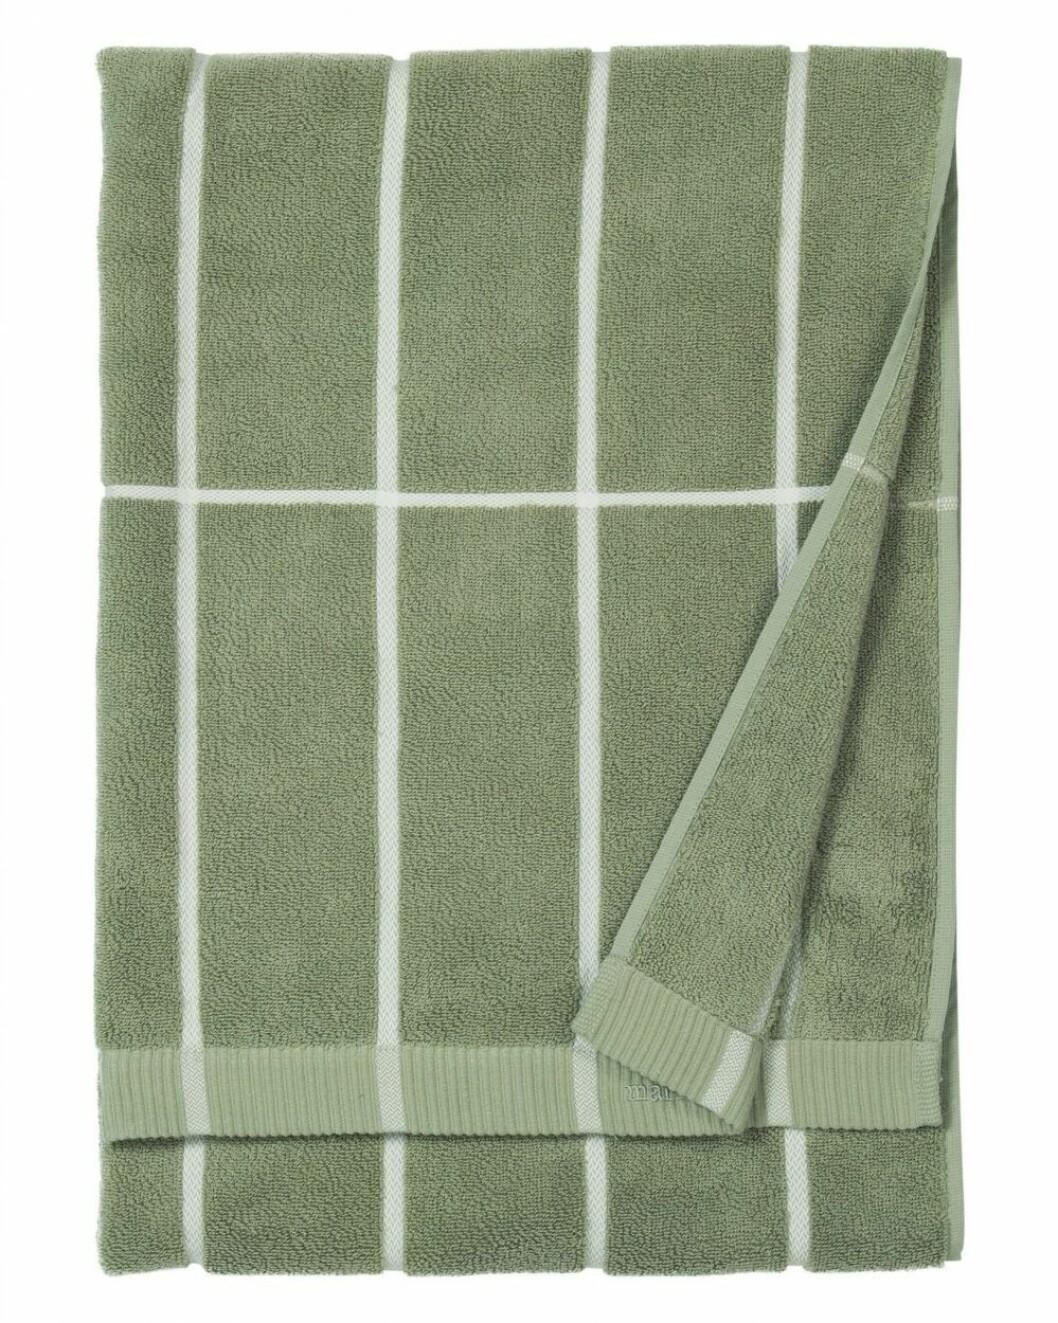 Grön handduk från Marimekko.